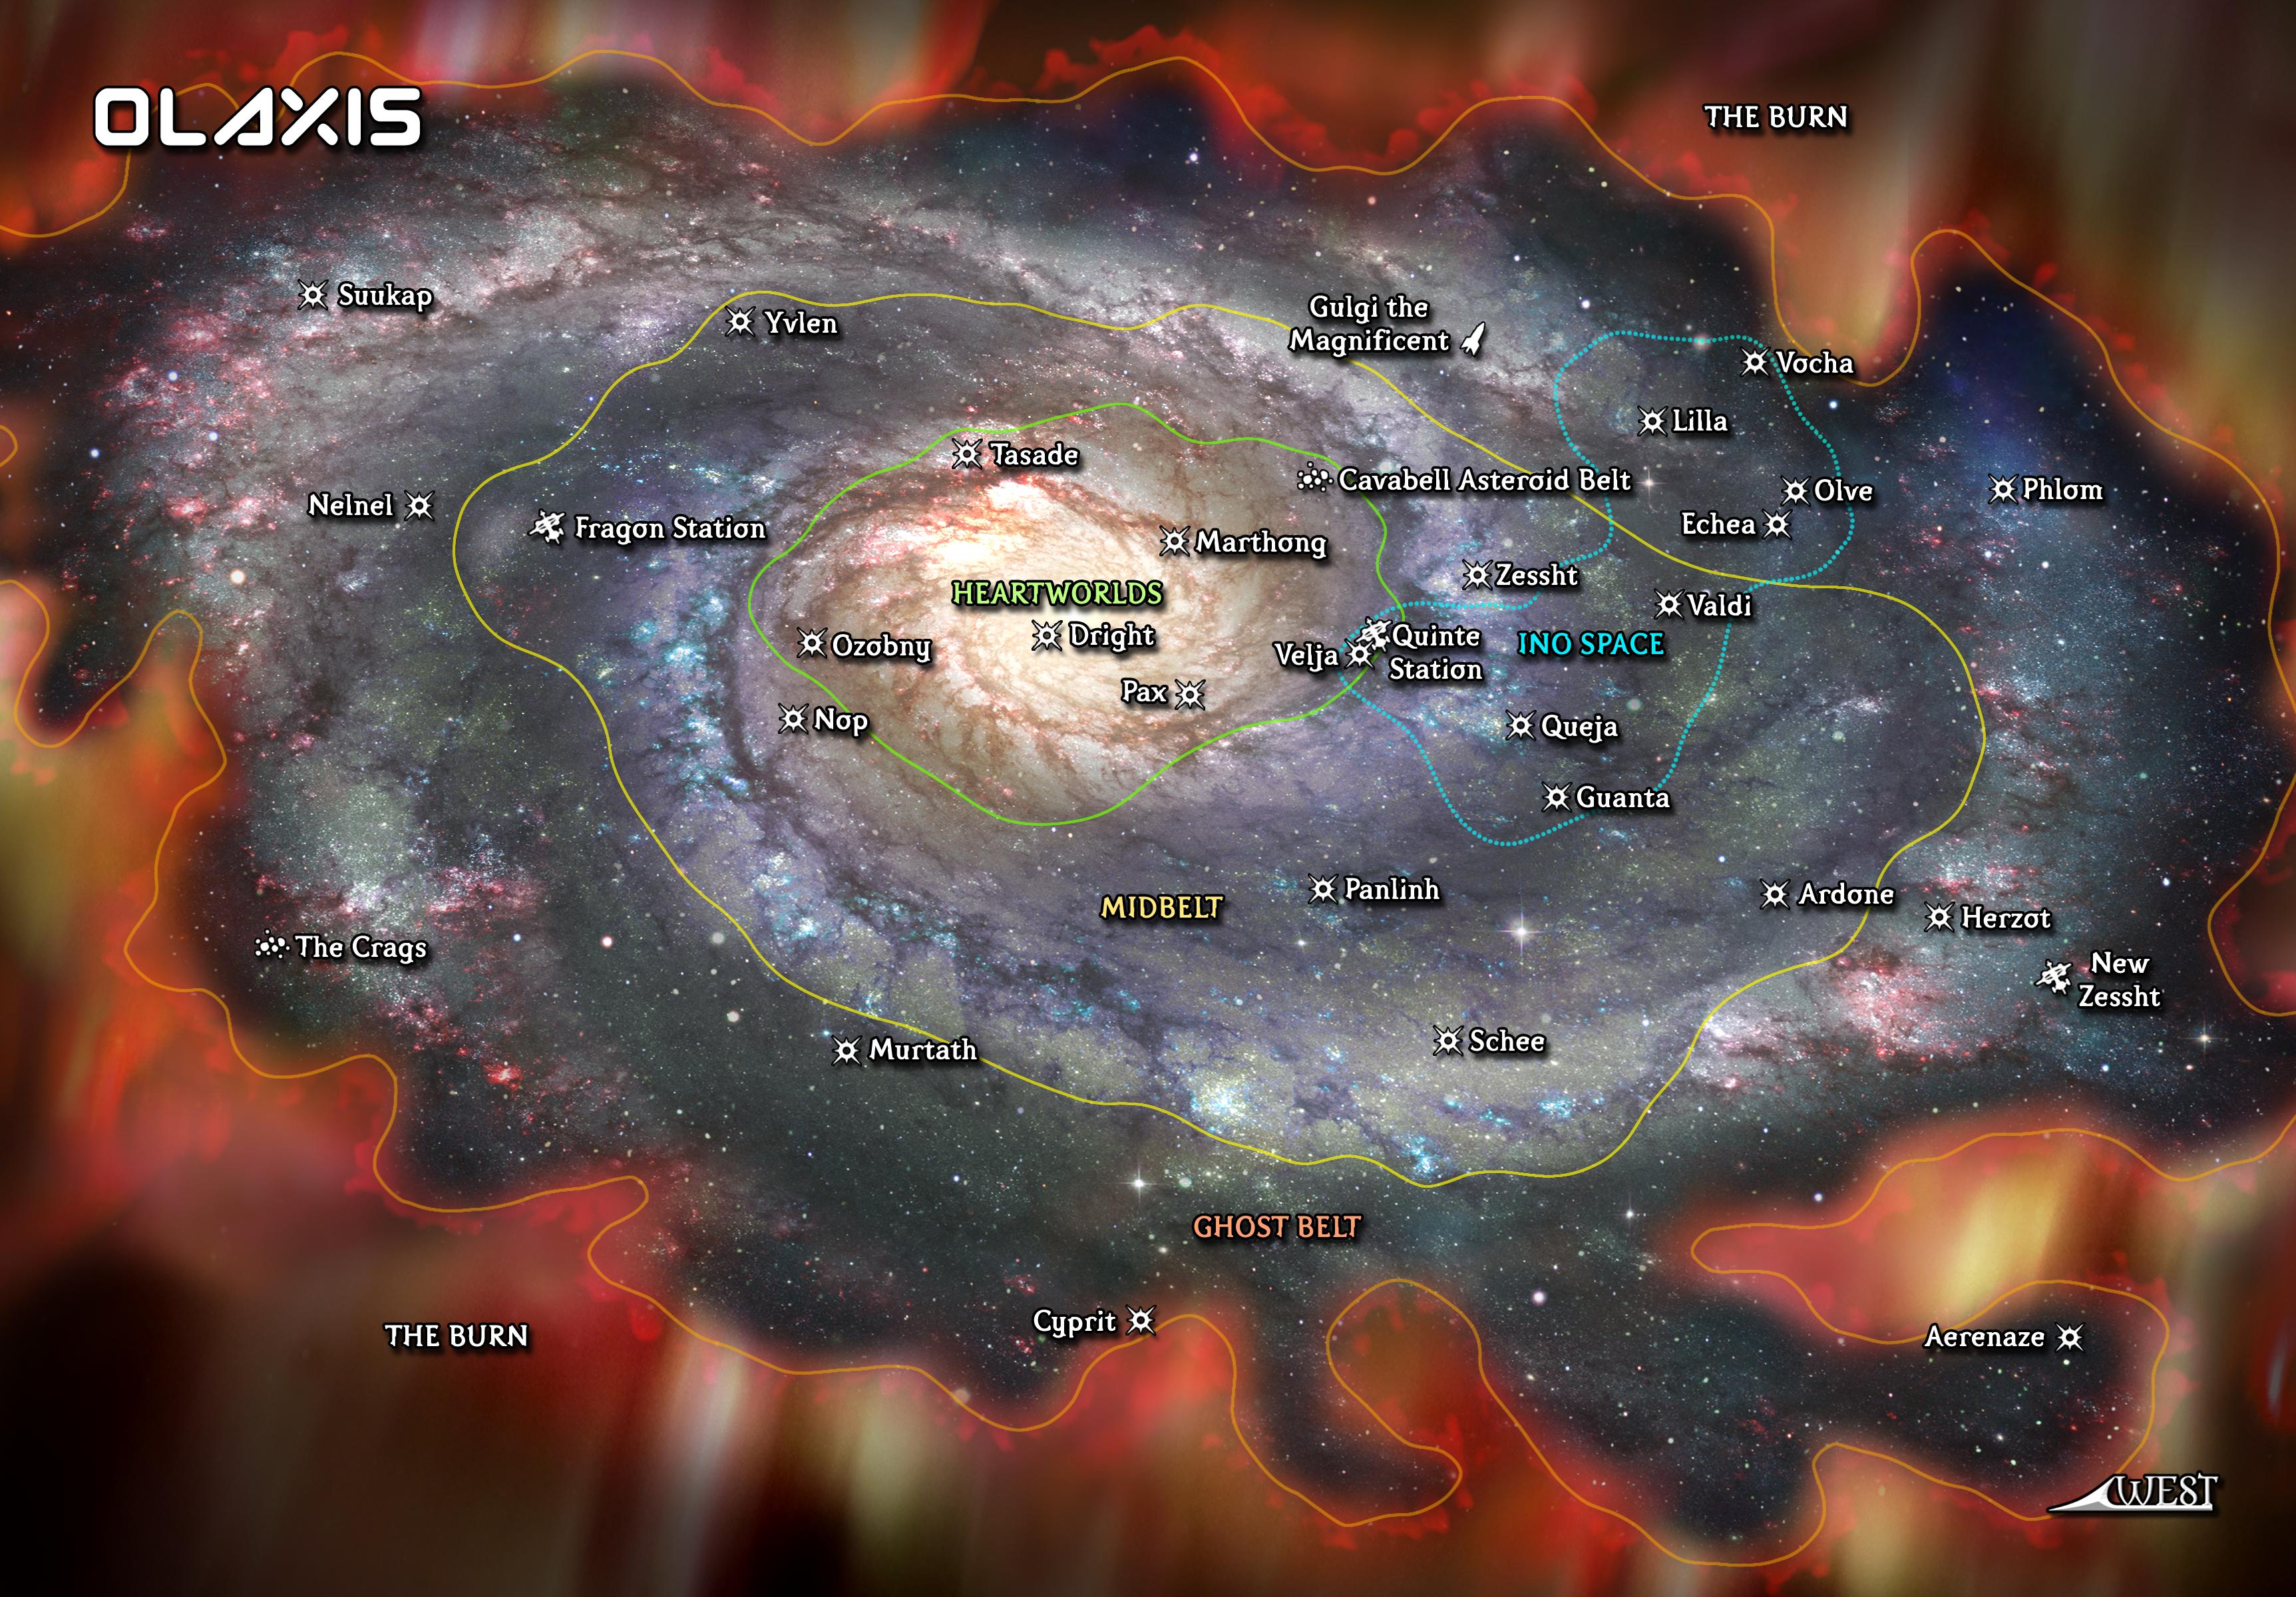 BurnByte-Olaxis Galaxy.png